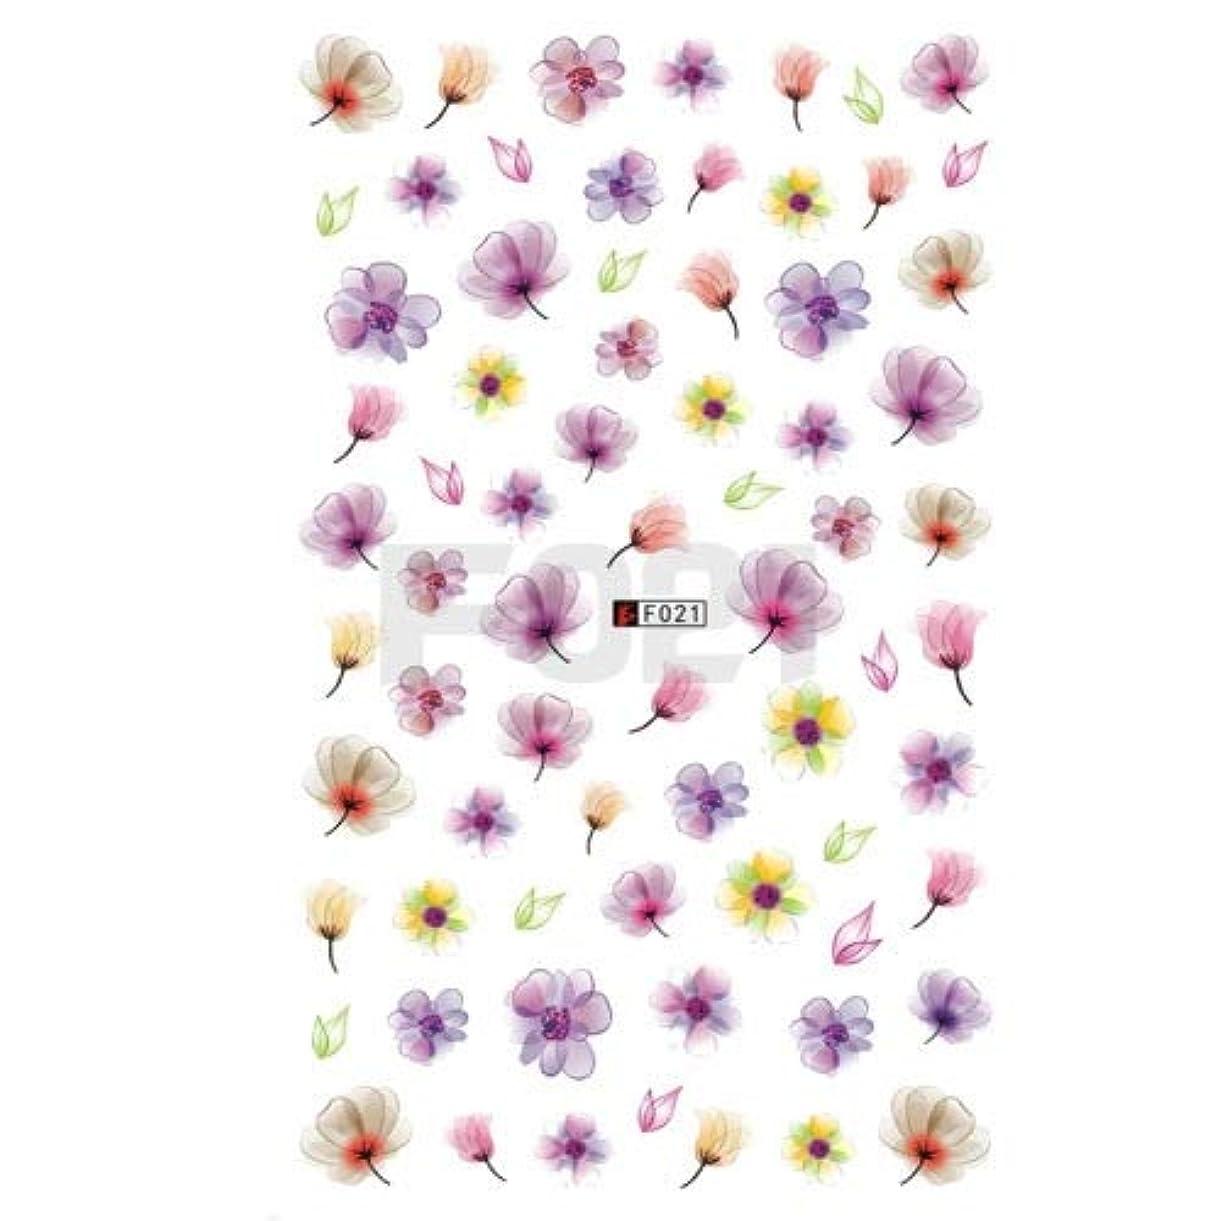 週間セージ神経衰弱ビューティー&パーソナルケア 3個の3Dネイルステッカー咲く花3Dネイルアートステッカーデカール(F199) ステッカー&デカール (色 : F021)